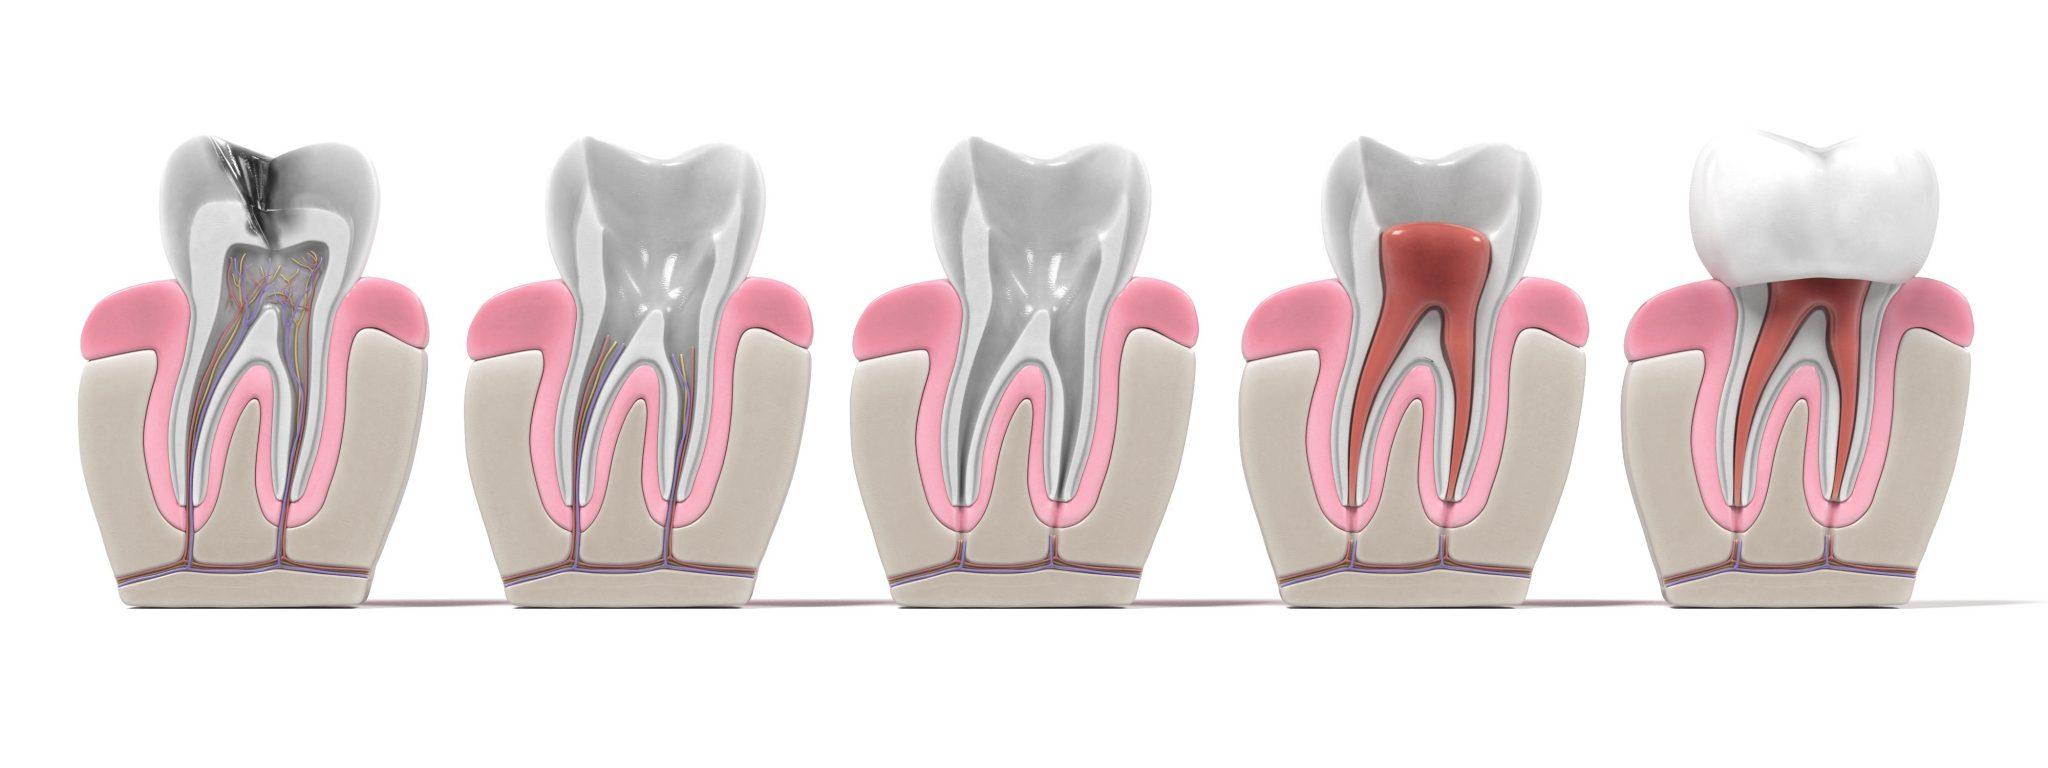 3d Renderings Of Endodontics Root Canal Procedure